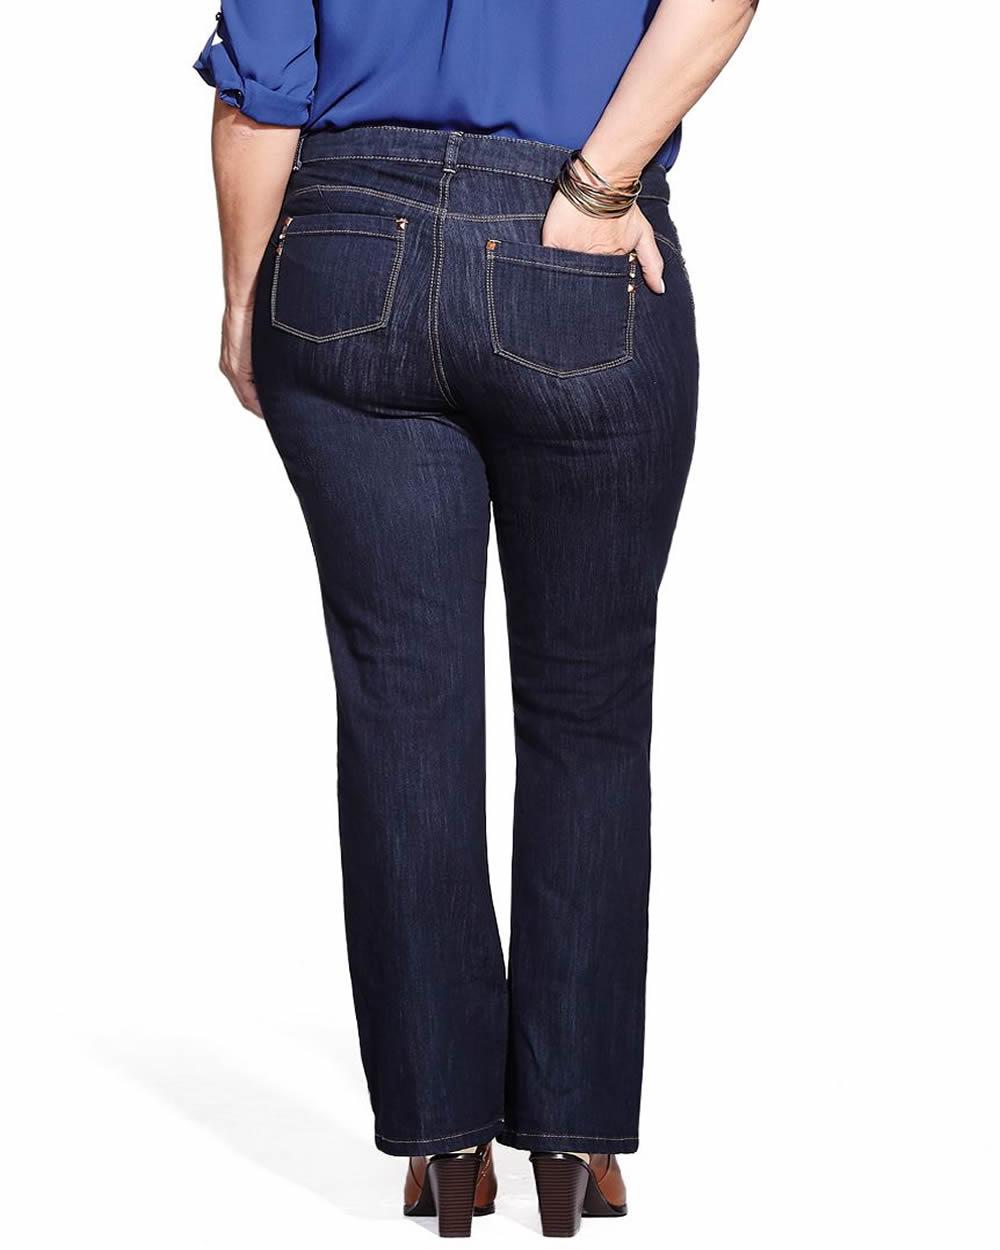 cut up plus size jeans - Jean Yu Beauty